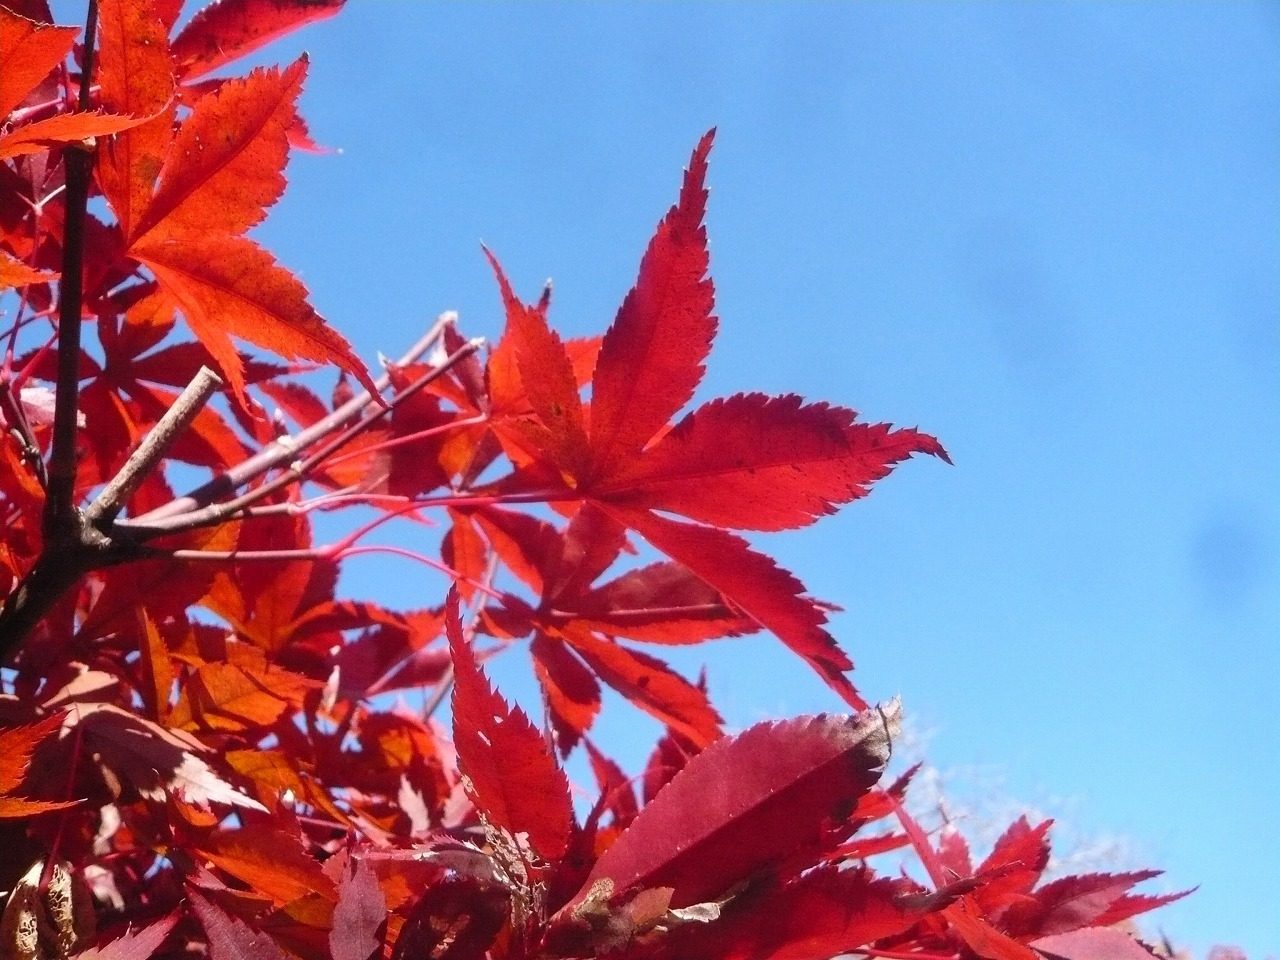 ポタリング 青梅の紅葉・臨川庭園_a0262093_12451032.jpg